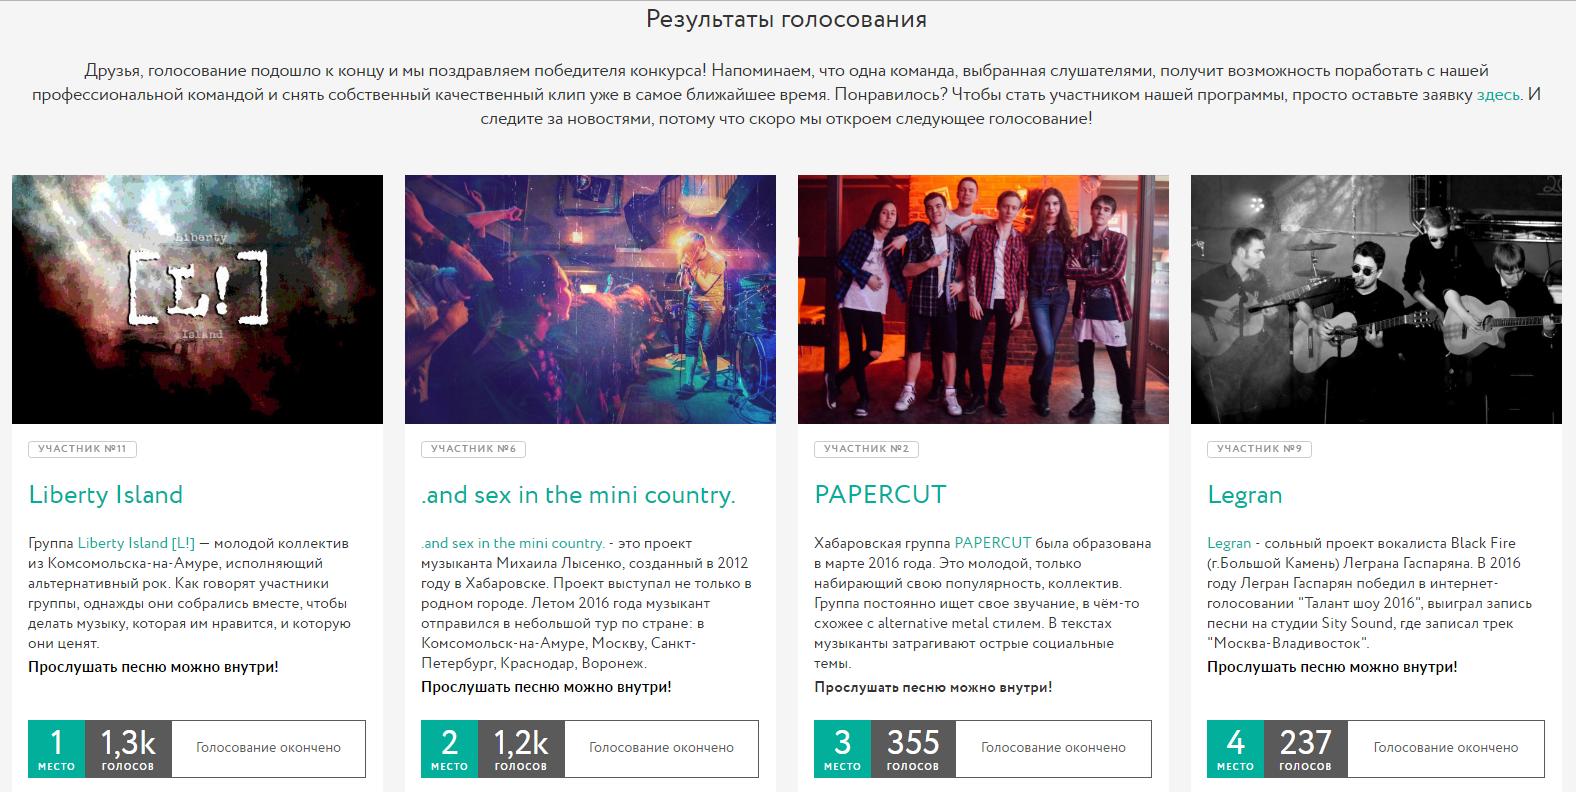 Съемку клипа выиграли группы из Комсомольска и Хабаровска